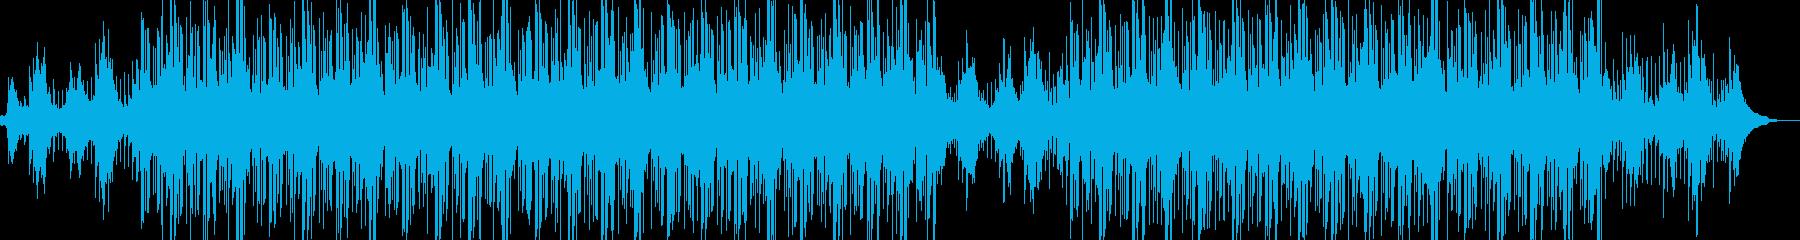 人気のある電子機器 実験的 スタイ...の再生済みの波形